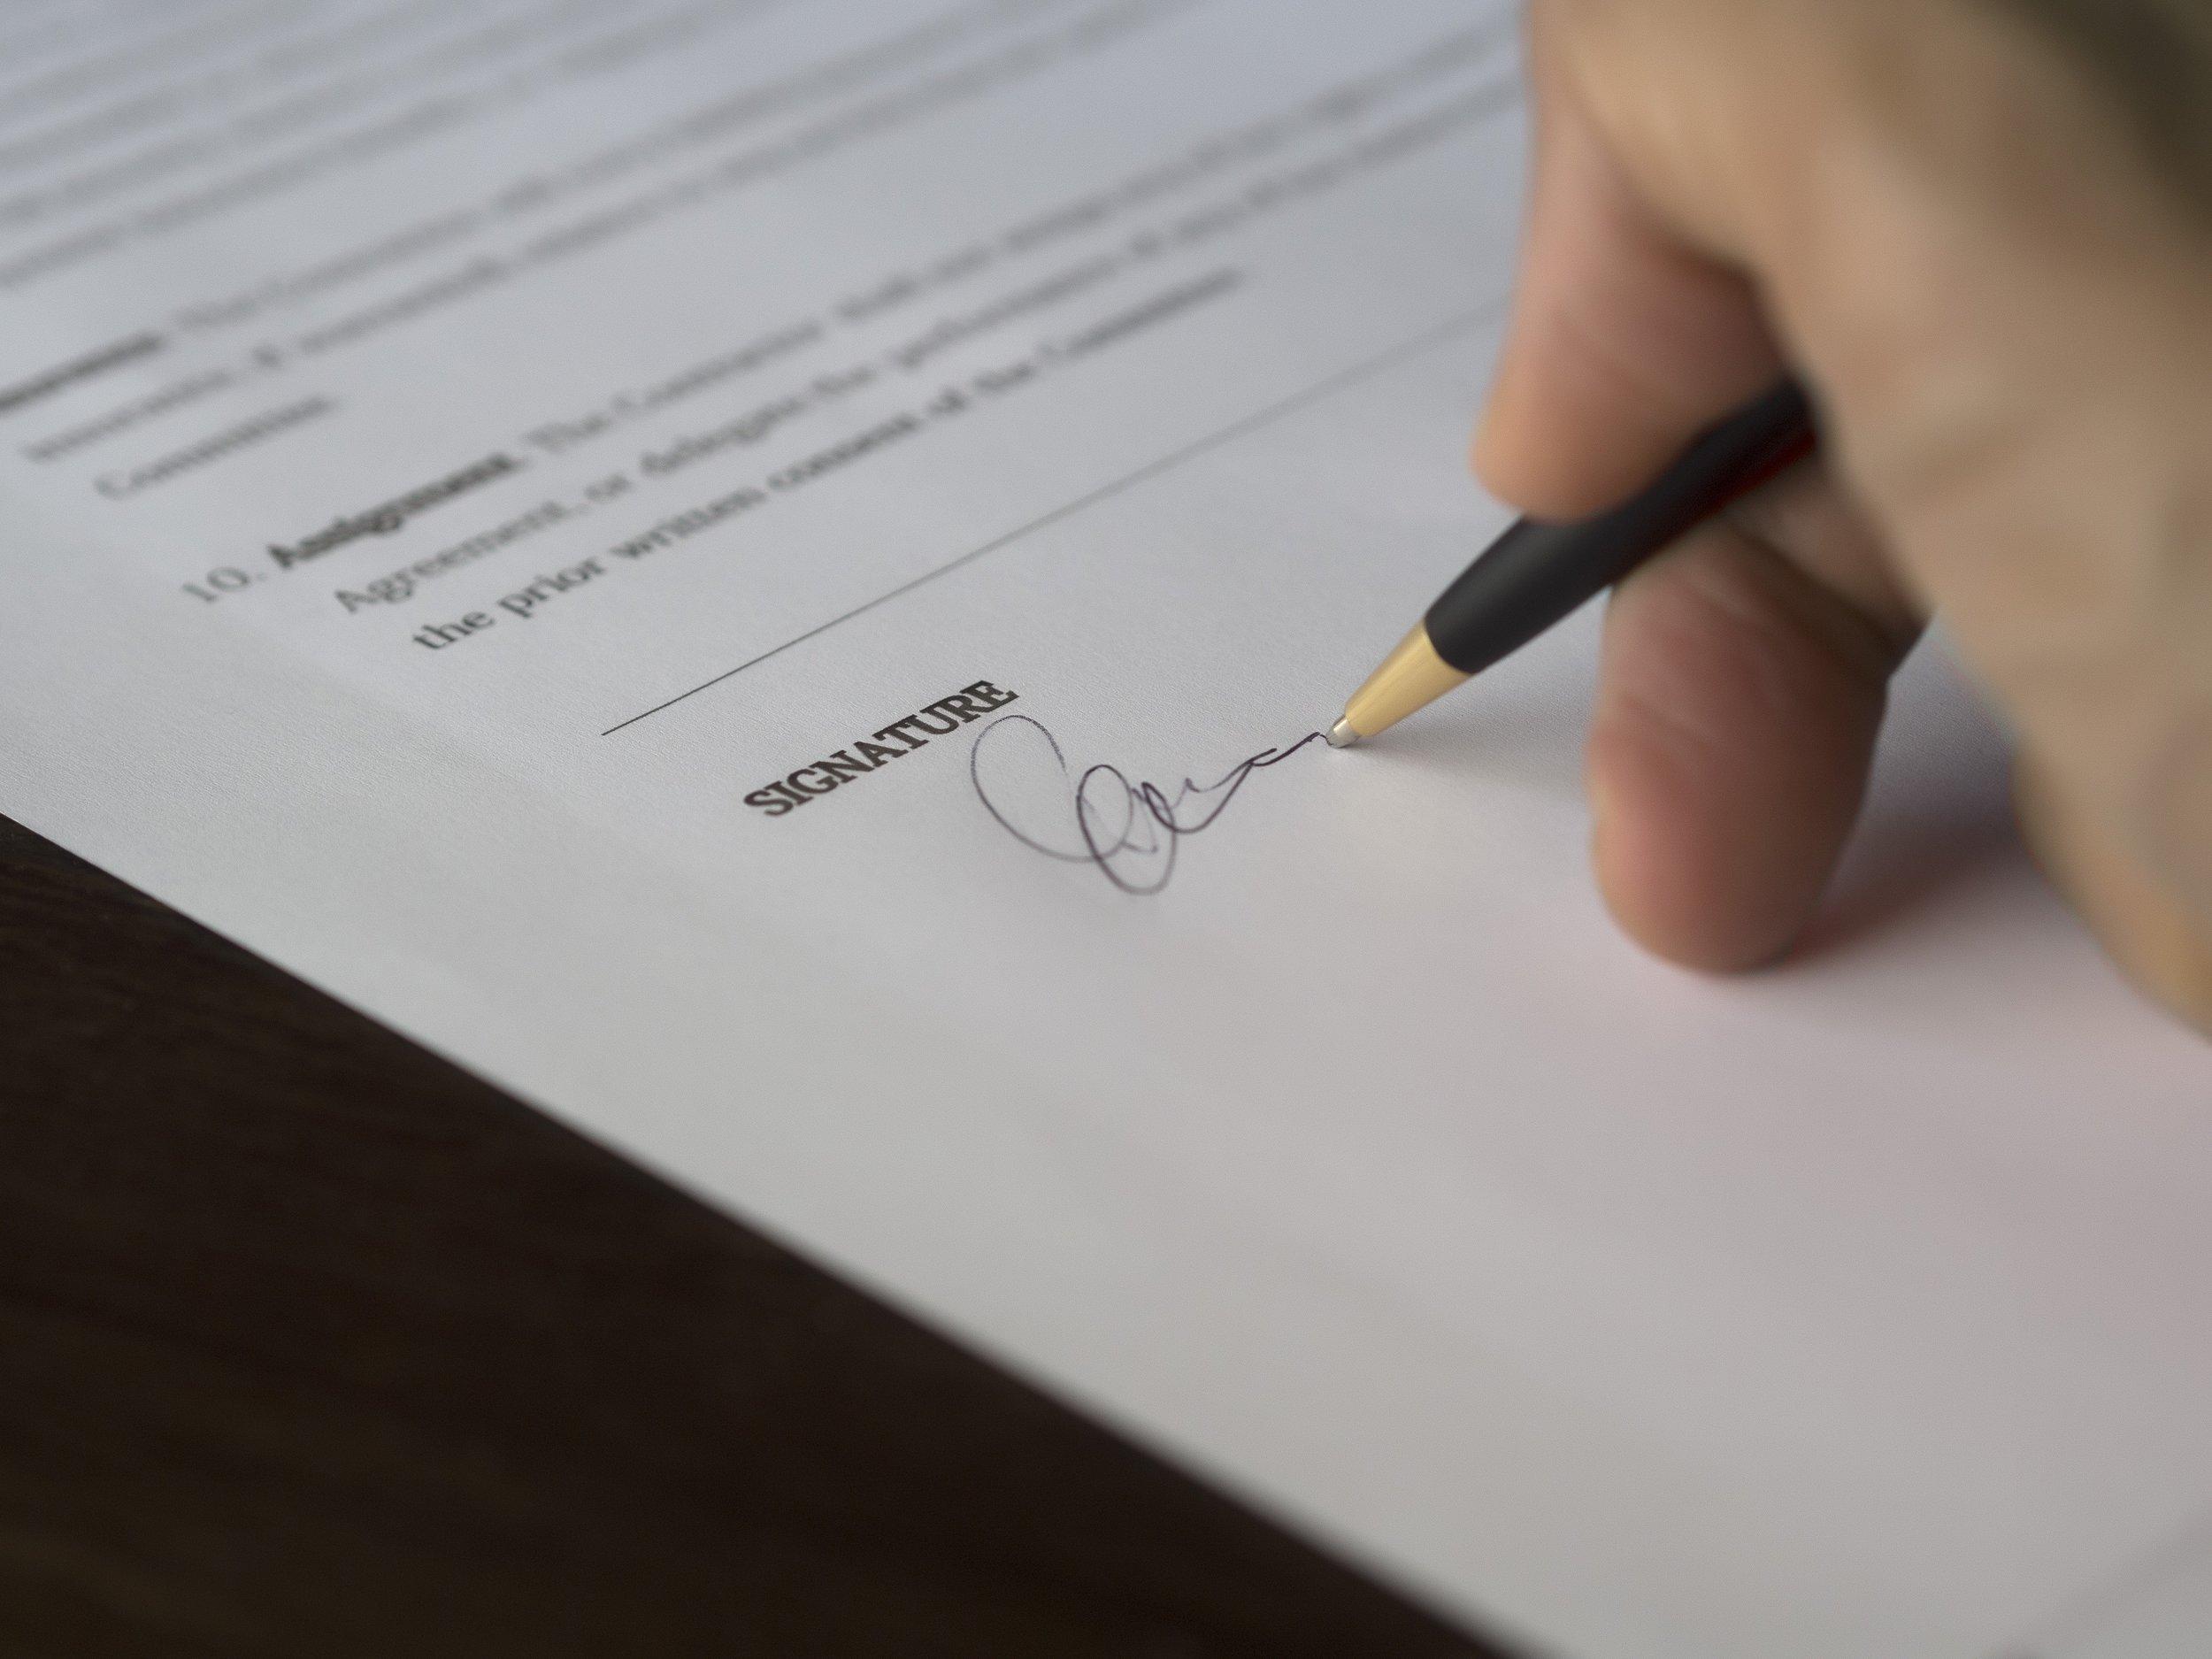 agreement-blur-business-261621.jpg